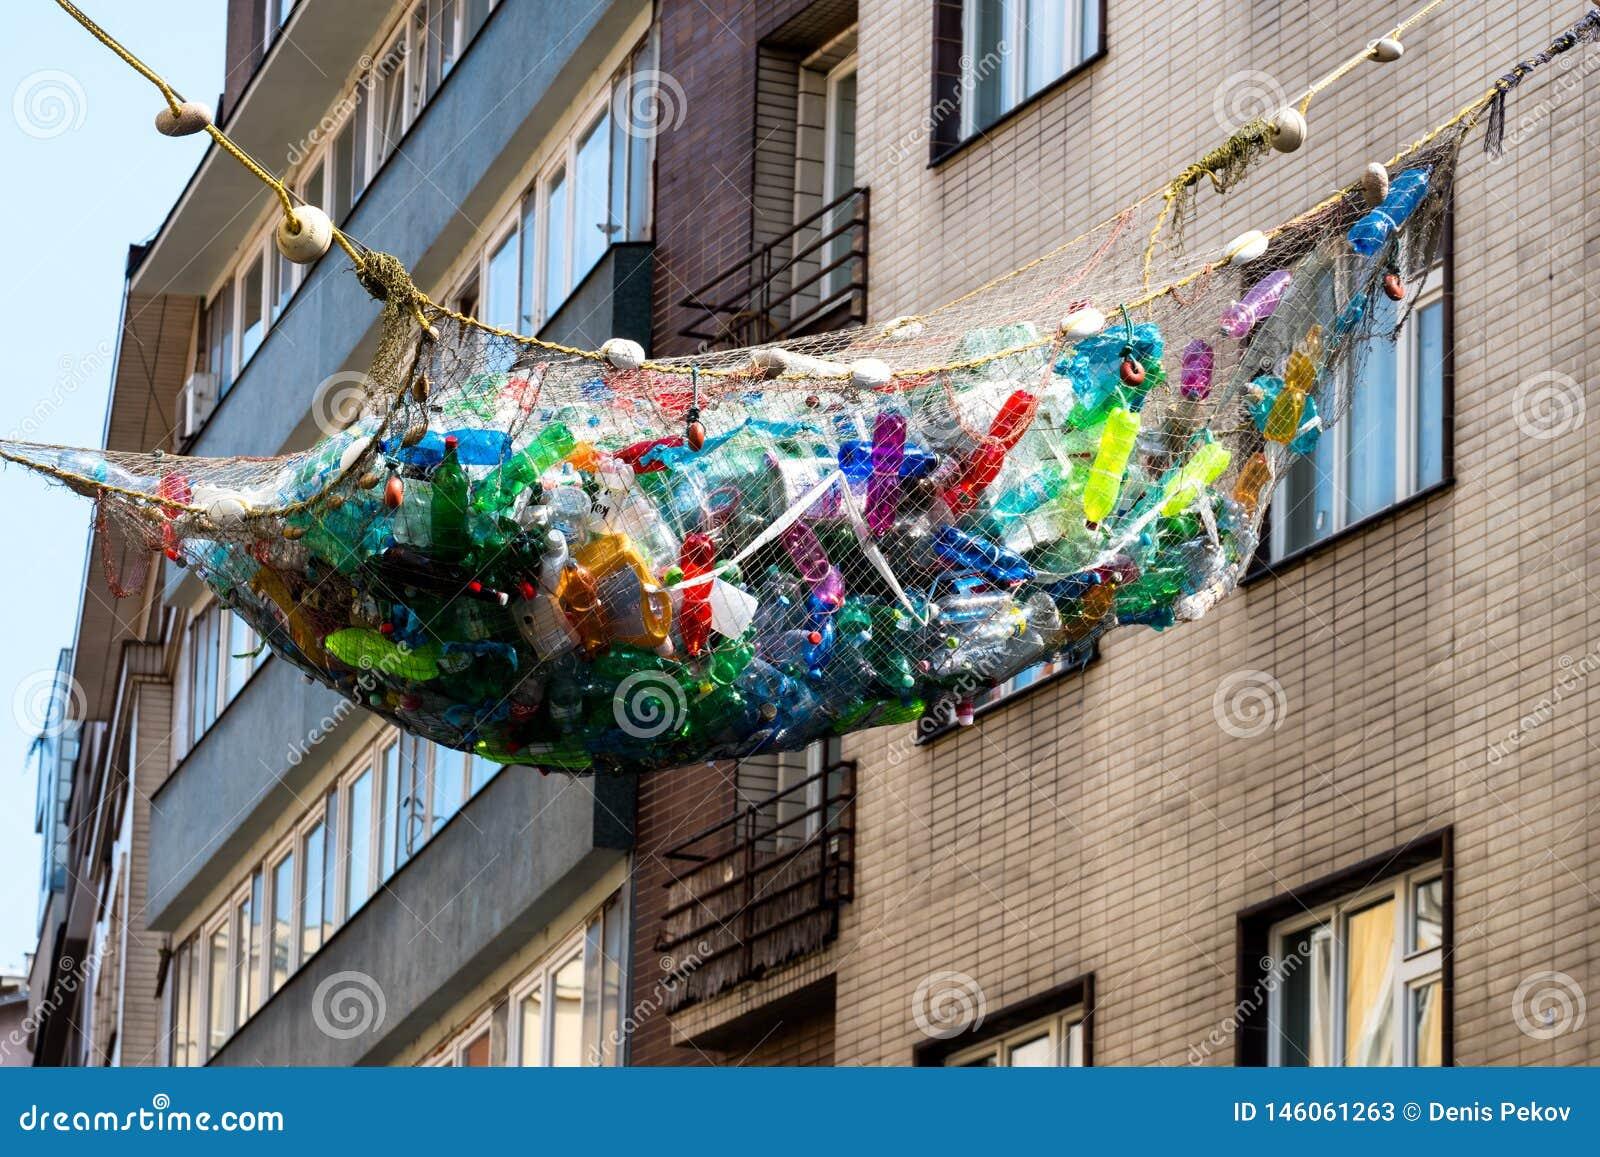 Πλαστικό μπουκάλι στο ανακύκλωσης δοχείο, διαχείρηση αποβλήτων